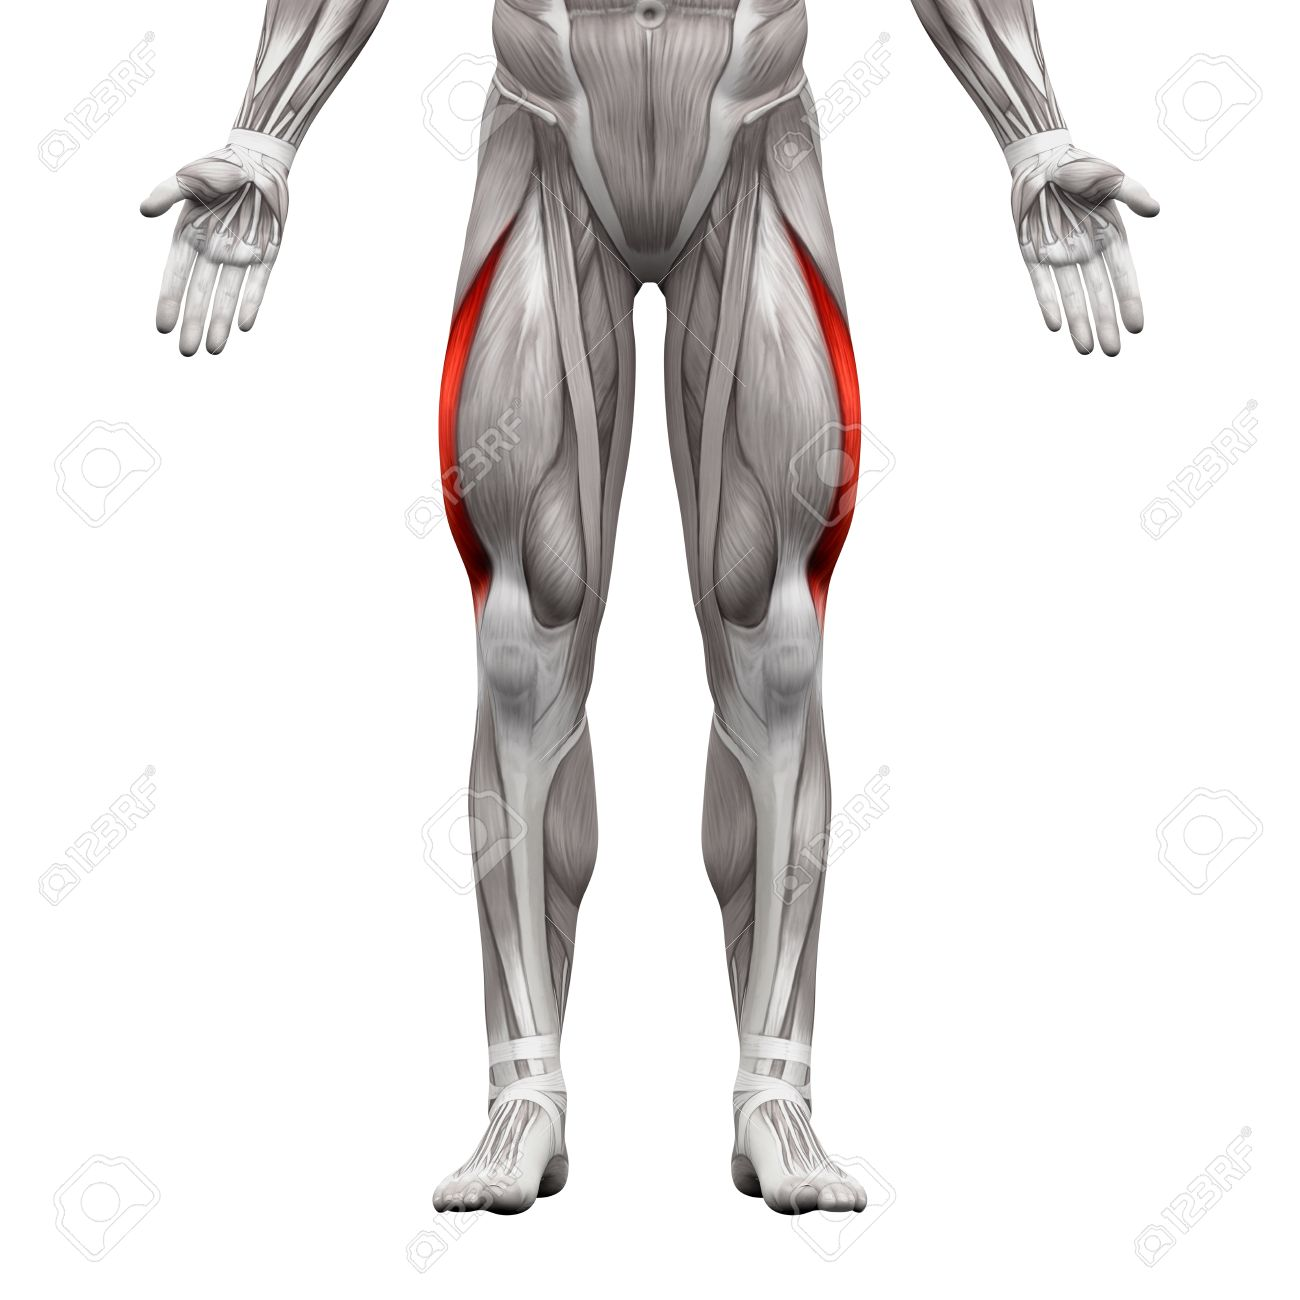 Músculo Vasto Lateral - Músculos Anatomía Aislados En Blanco ...